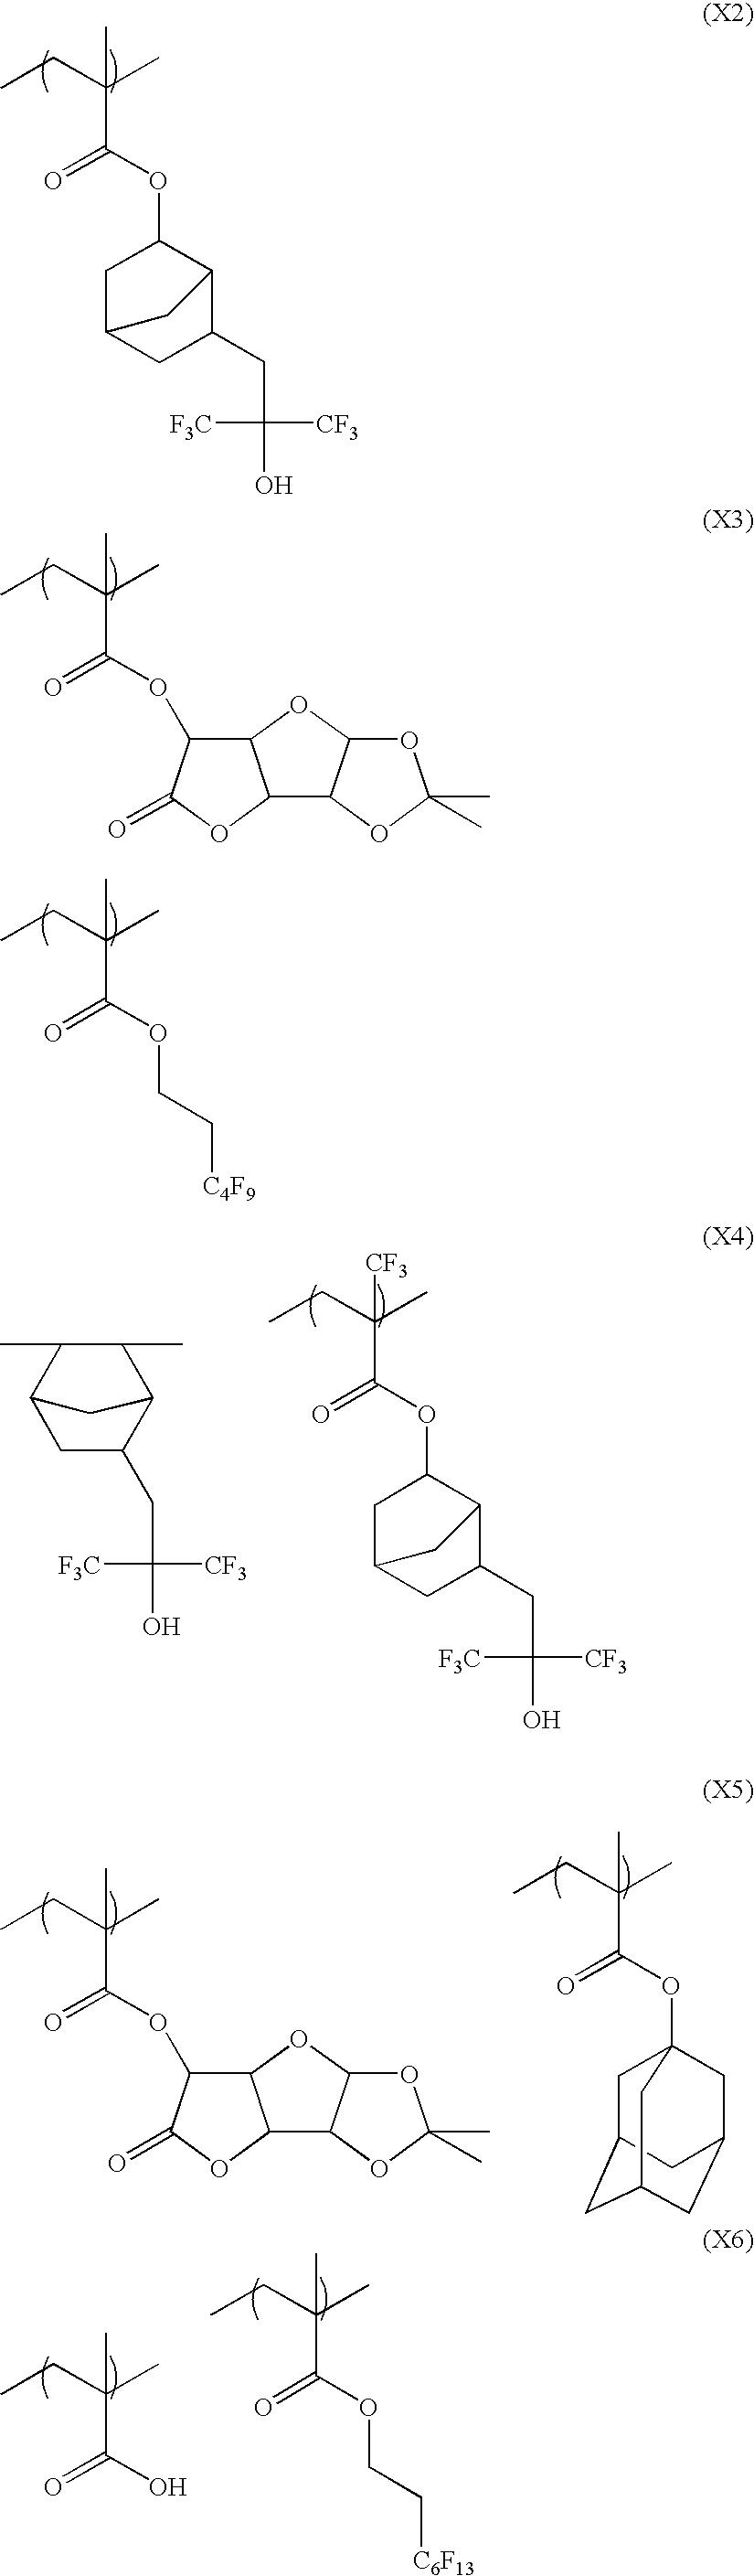 Figure US07998655-20110816-C00072